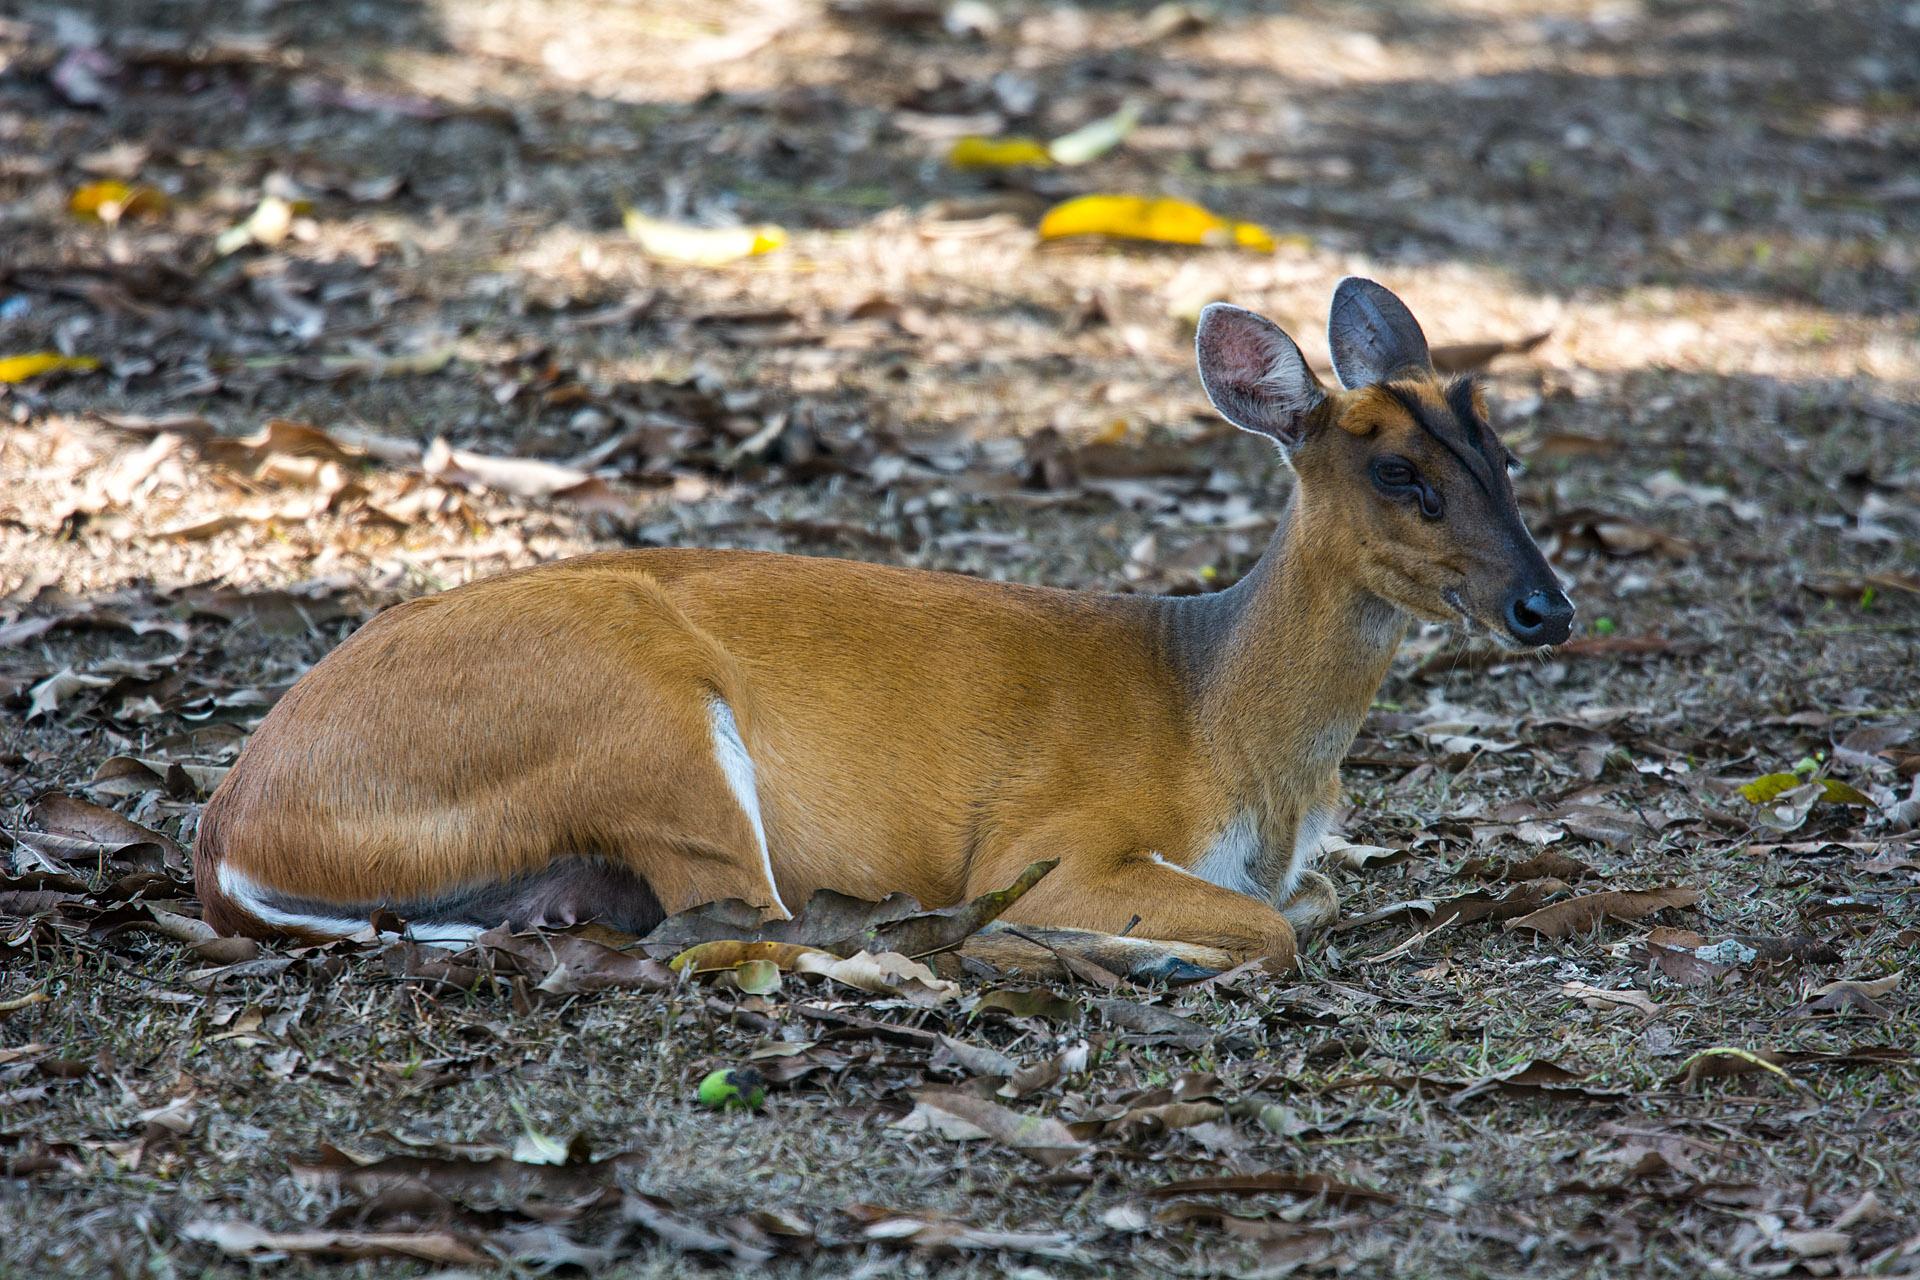 Muntjac (barking) deer